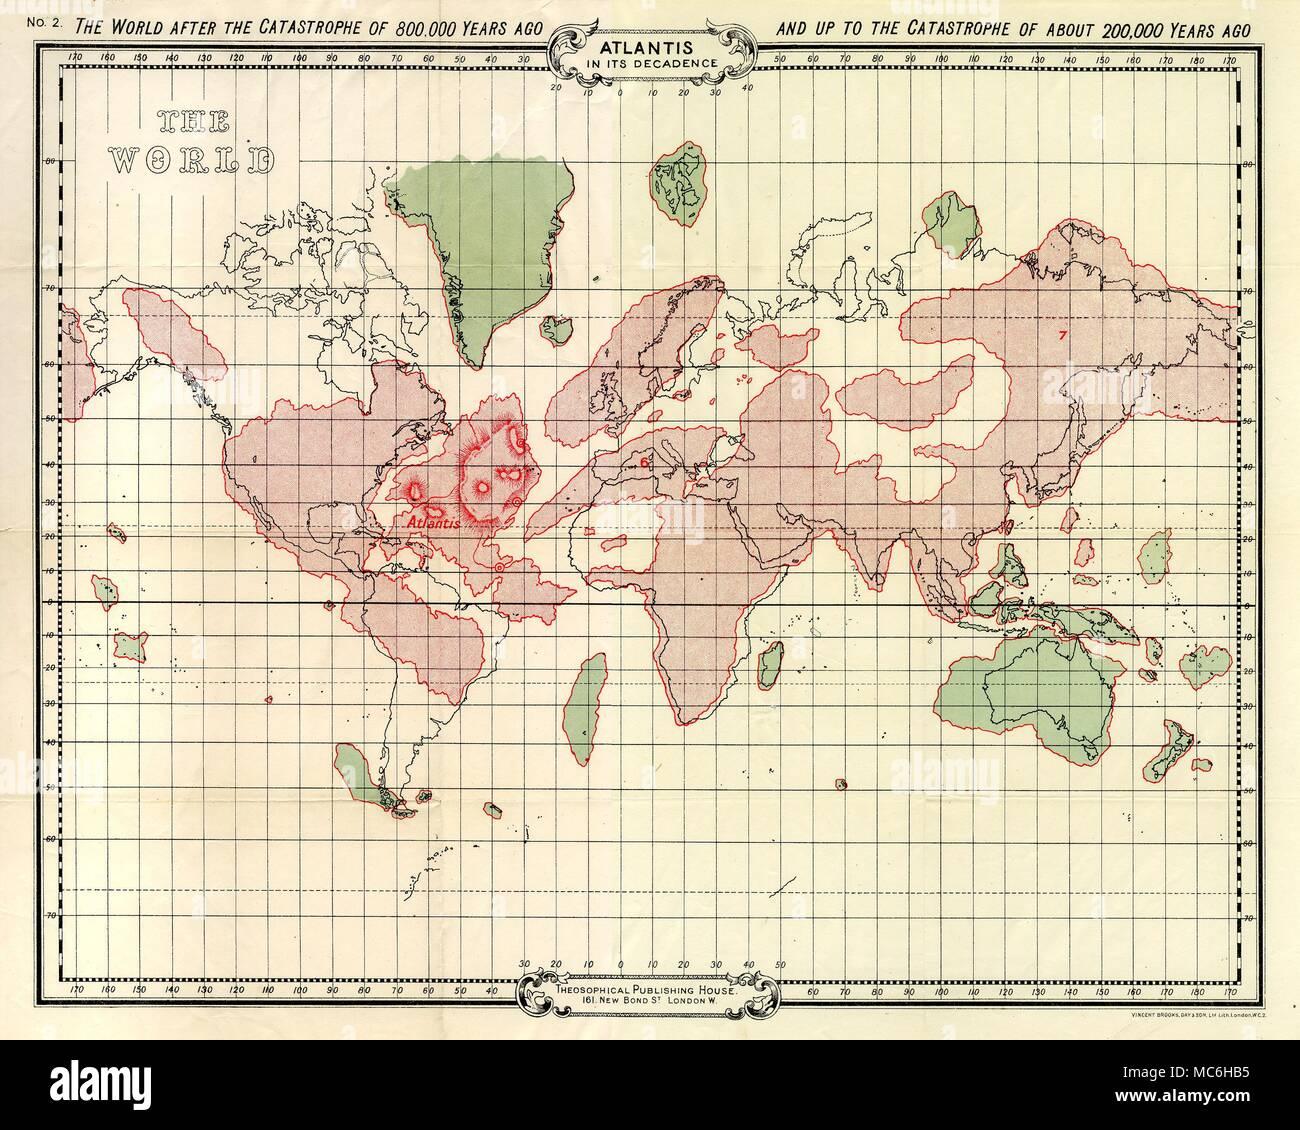 Atlantis Atlantis In Seiner Dekadenz Karte Von Atlantis Und Die